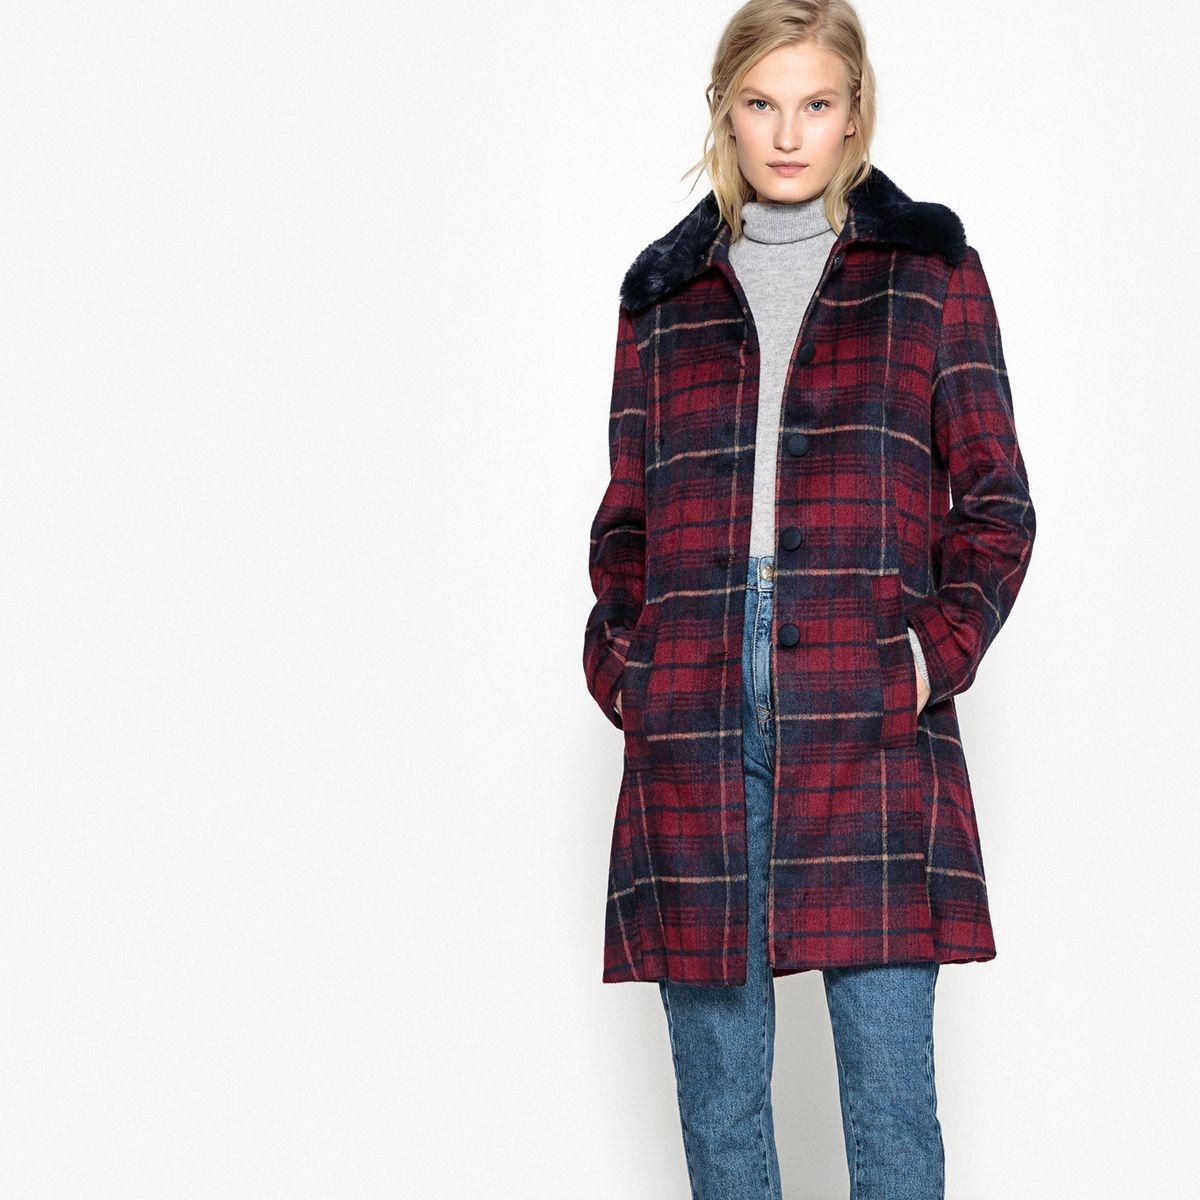 Manteau à carreaux et col imitation fourrure